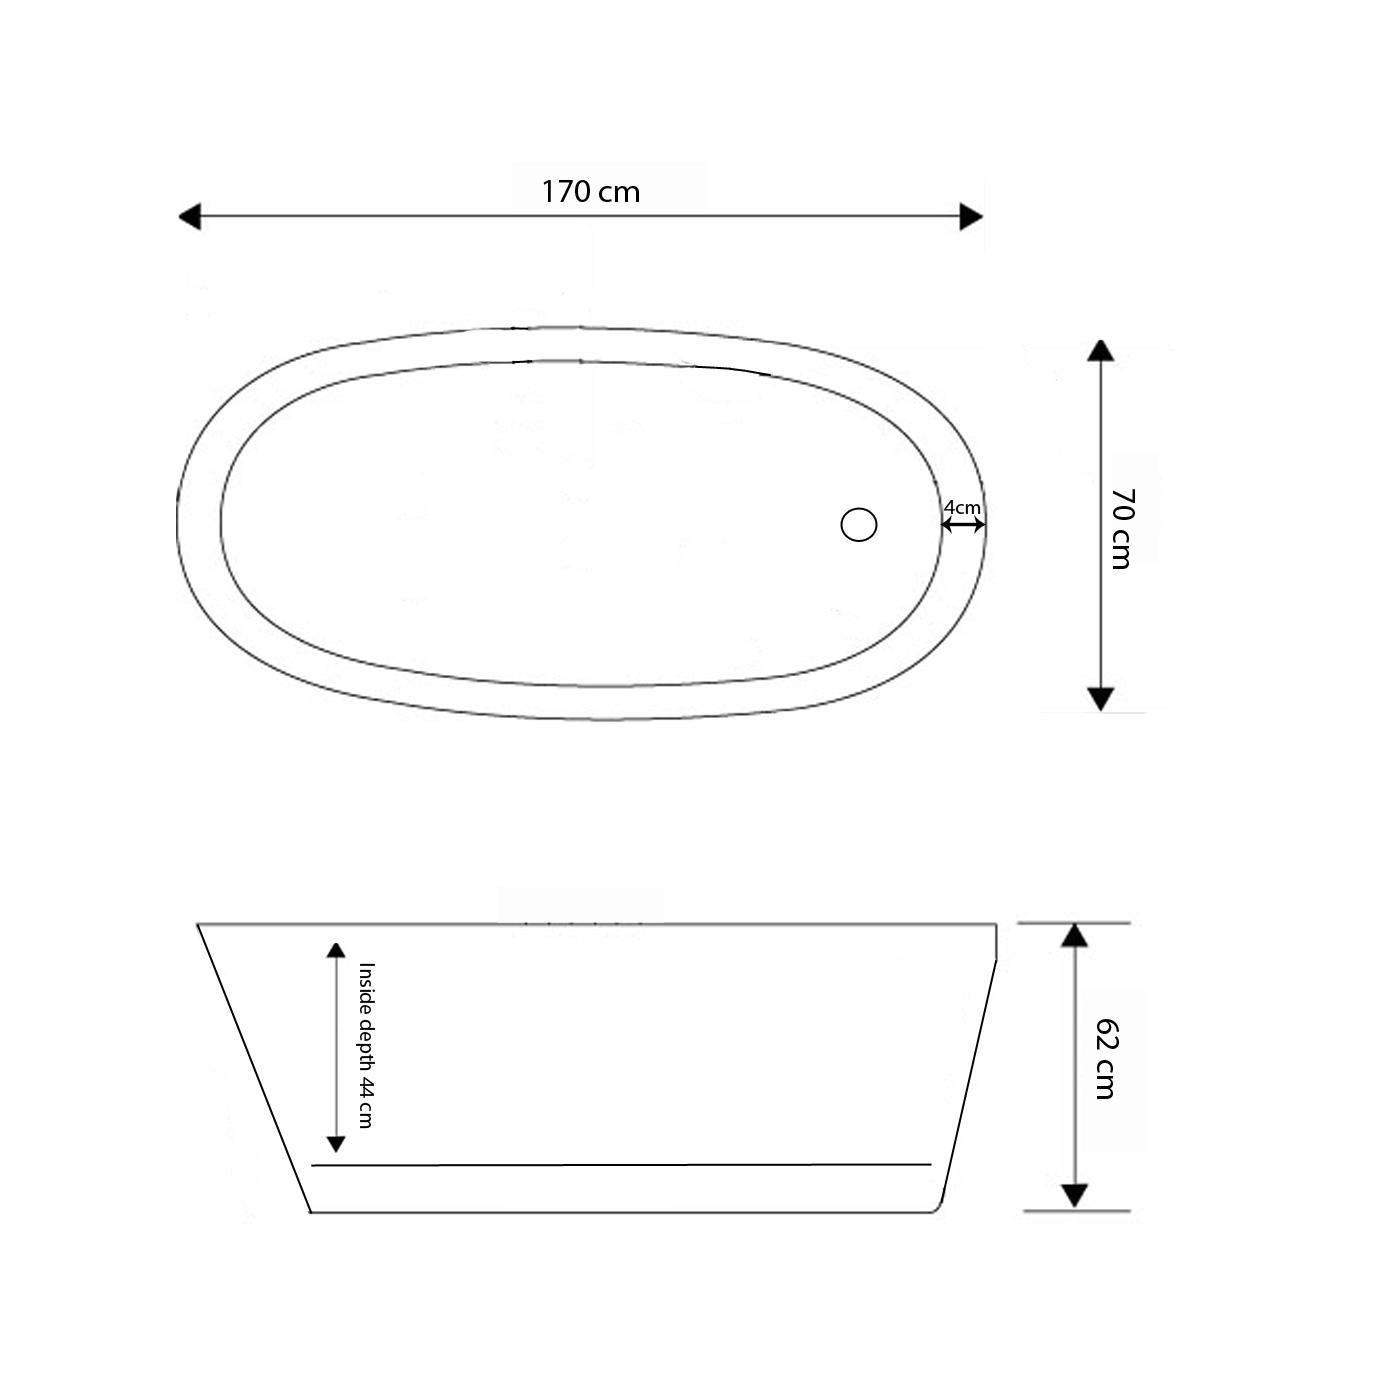 Vasca da bagno freestanding moderna 170 x 70 cm - Vasca da bagno in francese ...